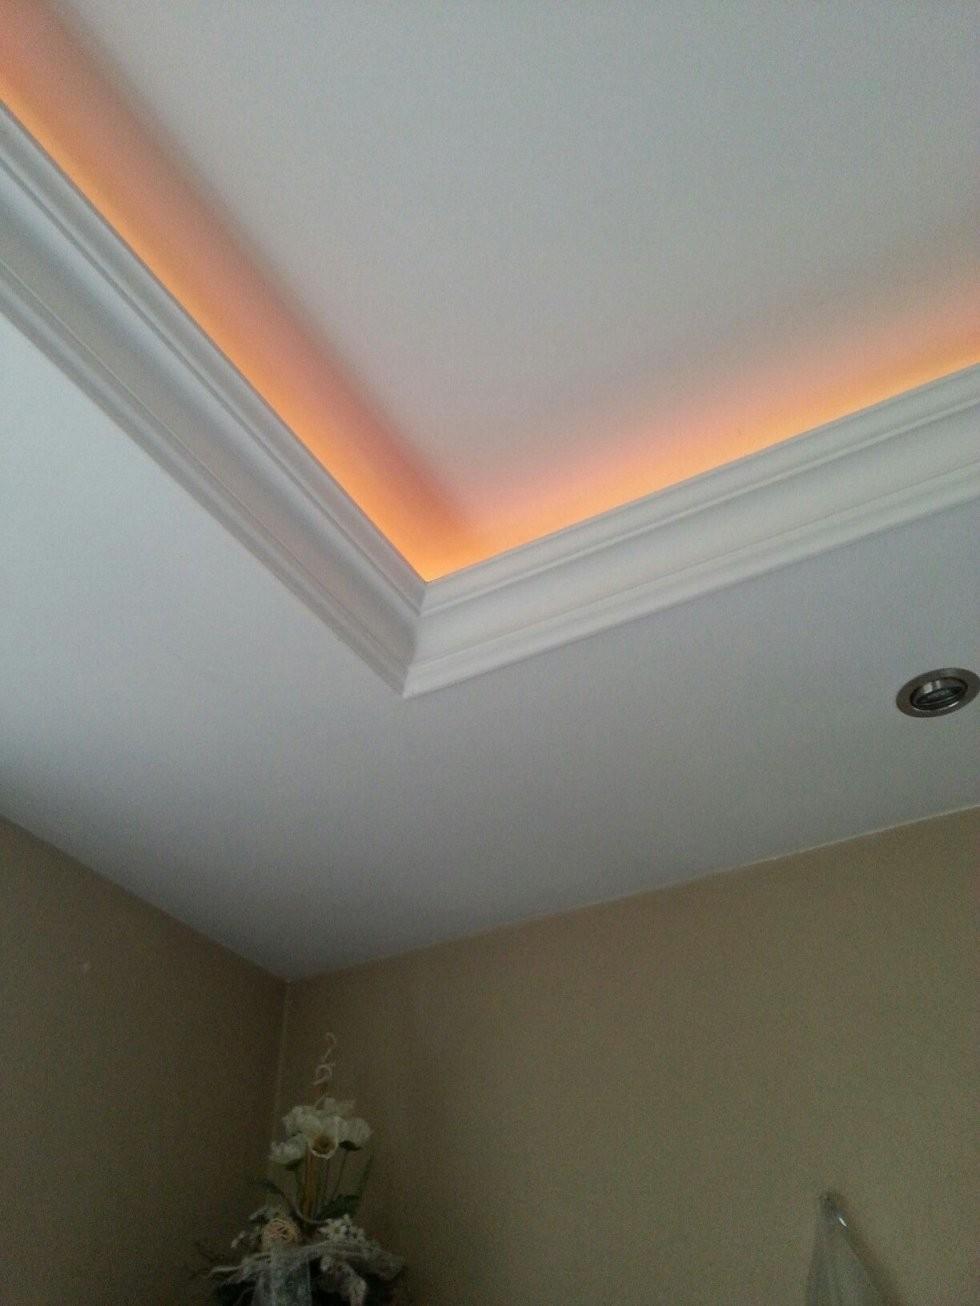 Indirekte Beleuchtung Im Wohnzimmer Schlafzimmer Flure Oder von Stuck Mit Indirekter Beleuchtung Bild